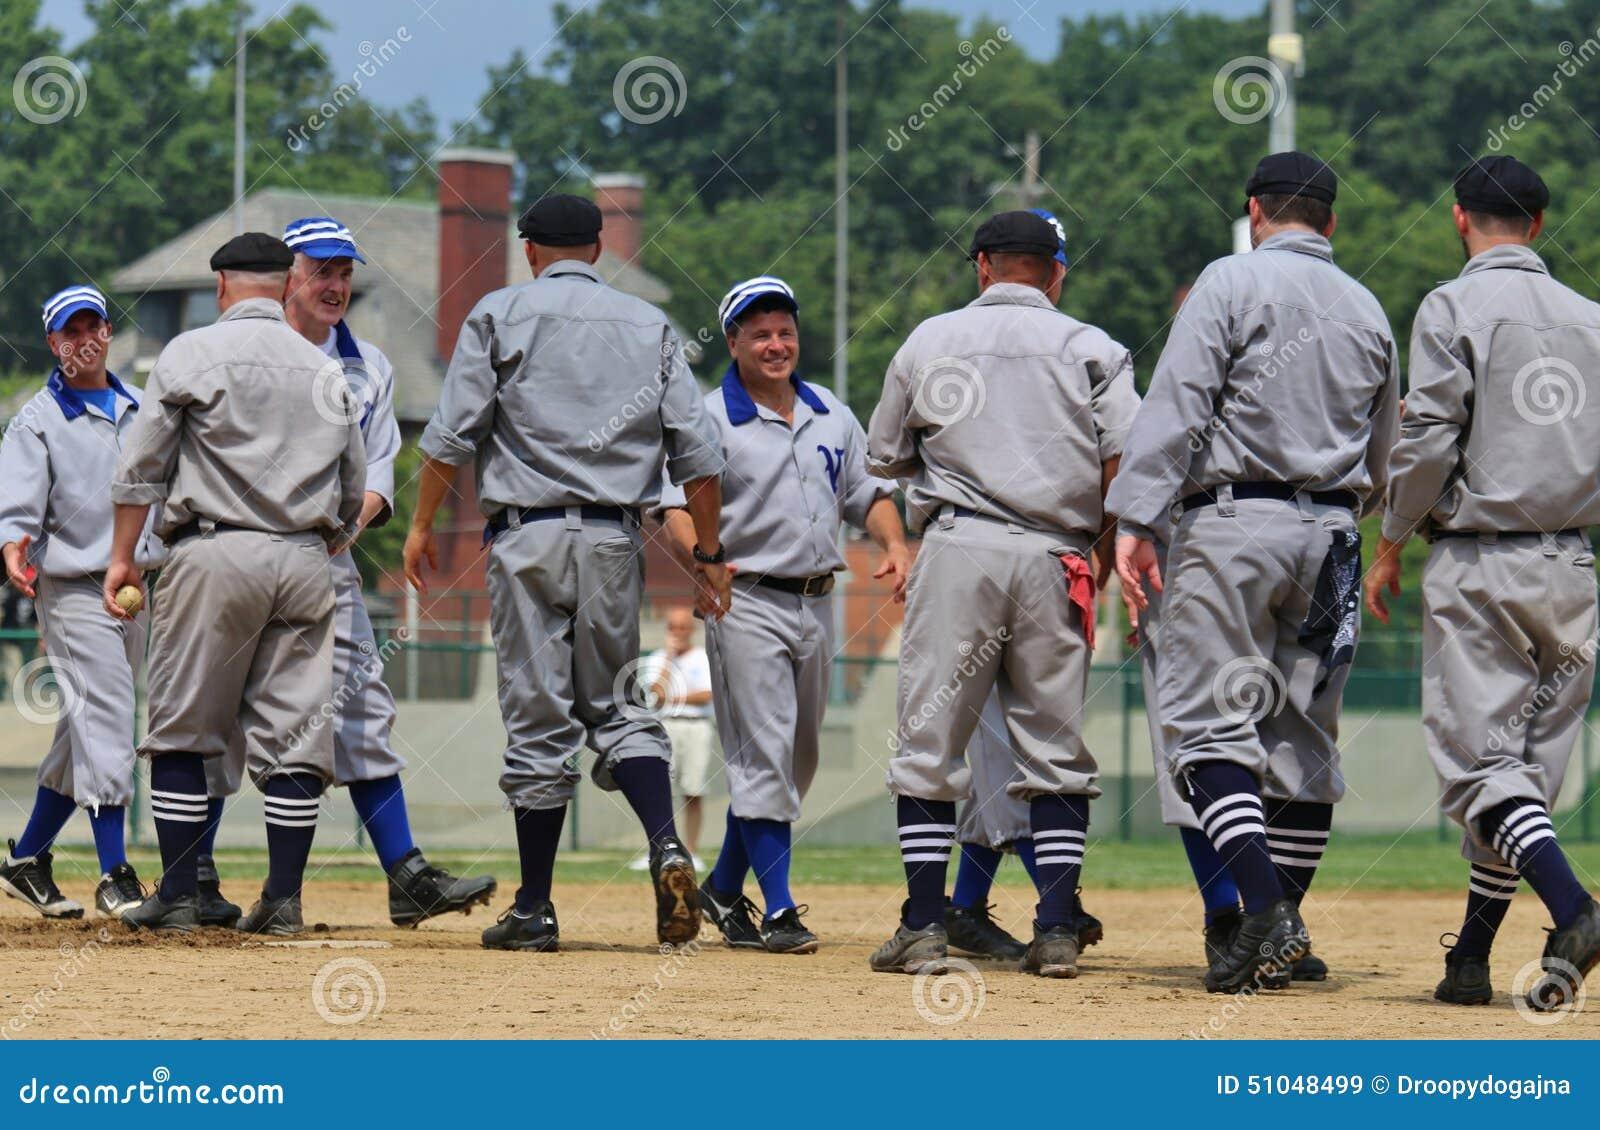 Baseball ceremonial handshake